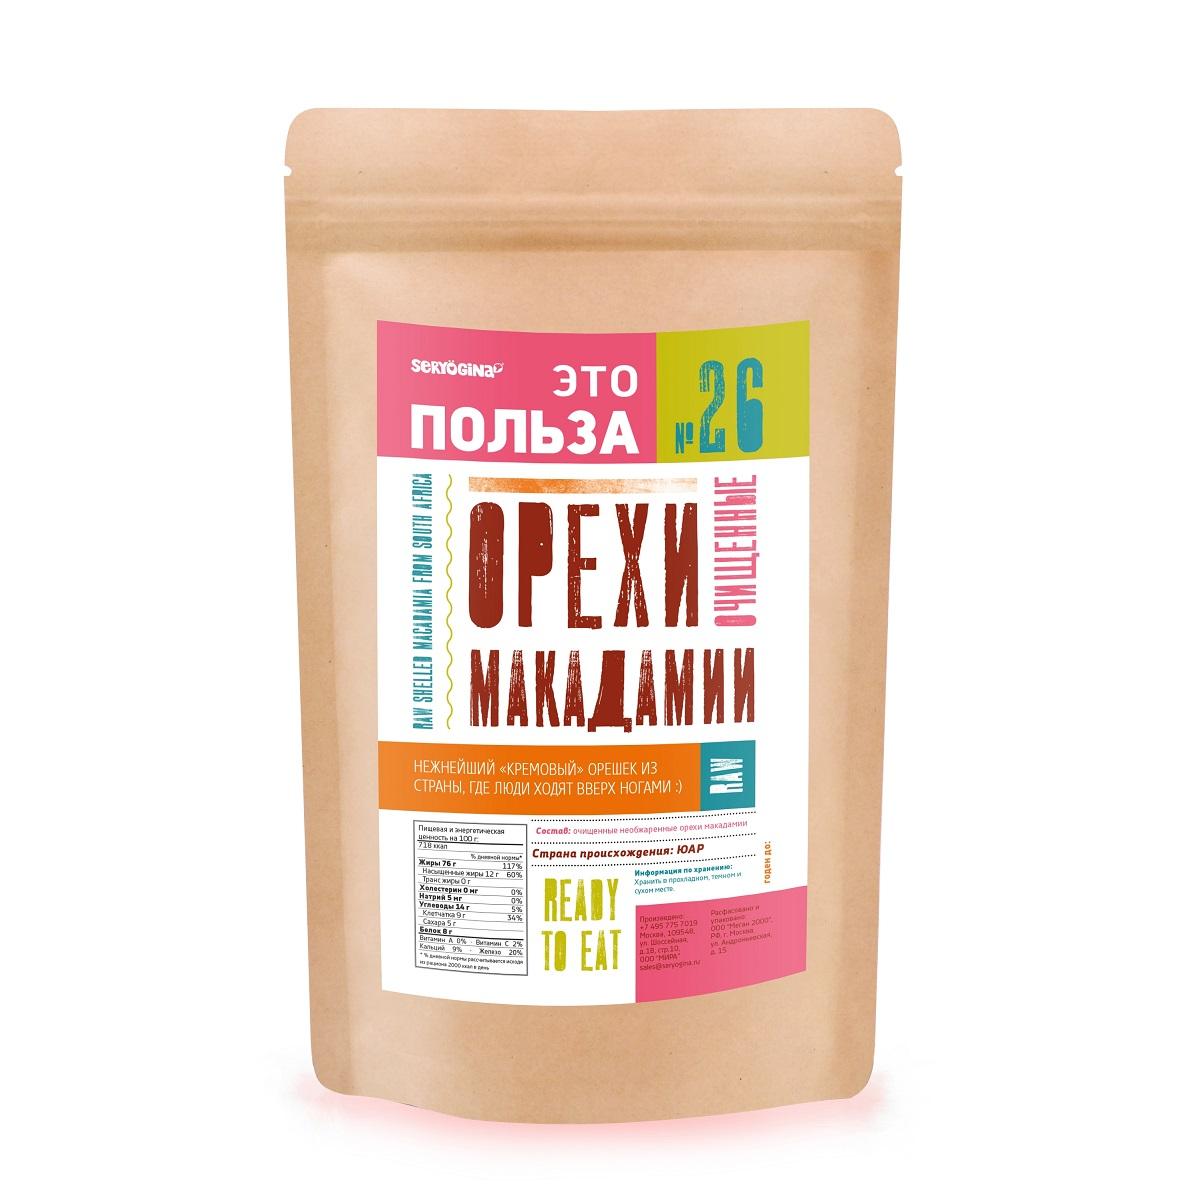 Seryogina Орех макадамии очищенный, 100 г208Уникальные орешки помогут при мигренях и придадут сил.